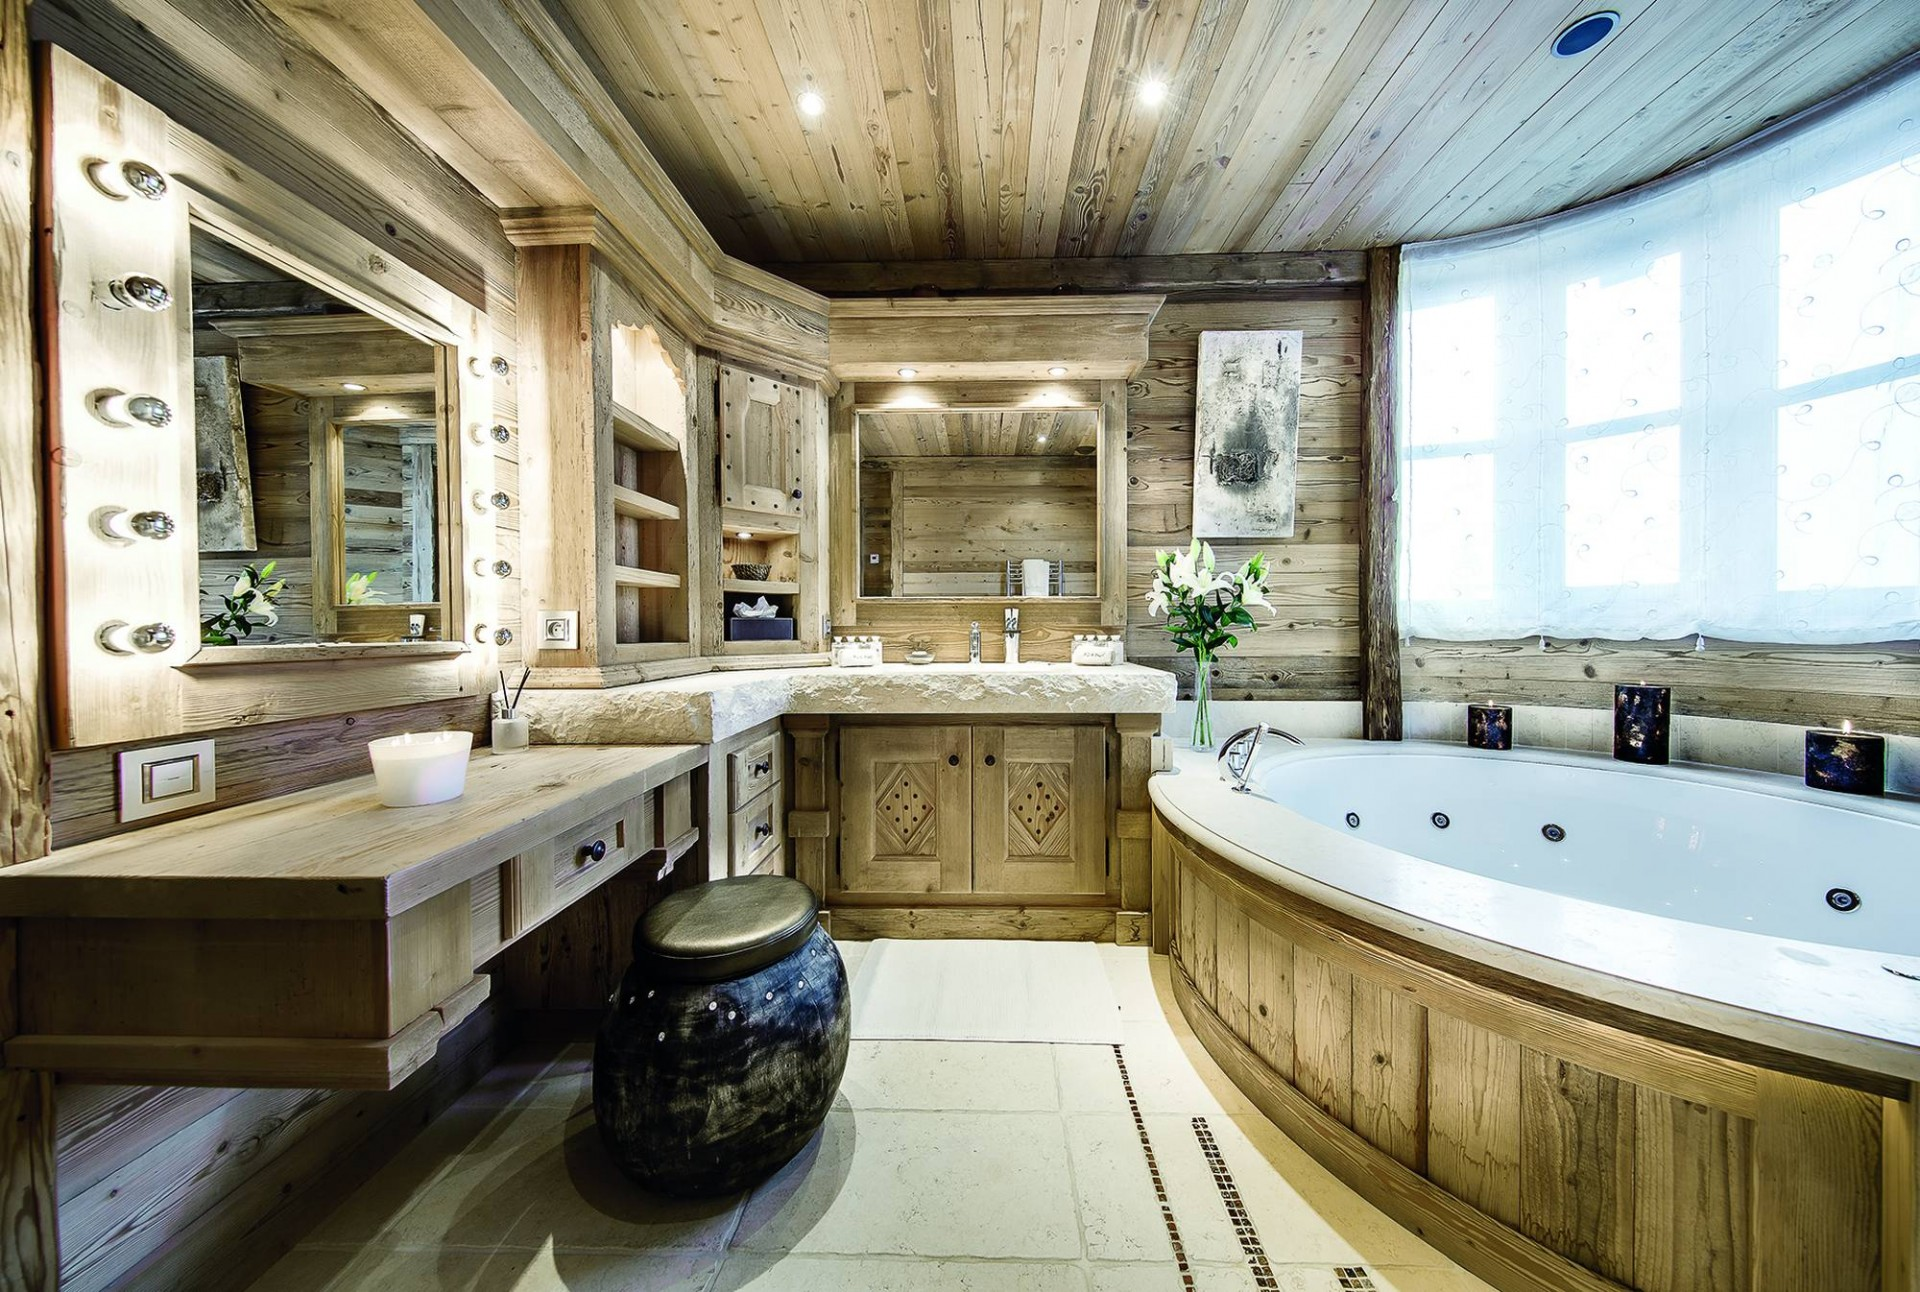 Courchevel 1850 Luxury Rental Chalet Bepalite Bathroom 3